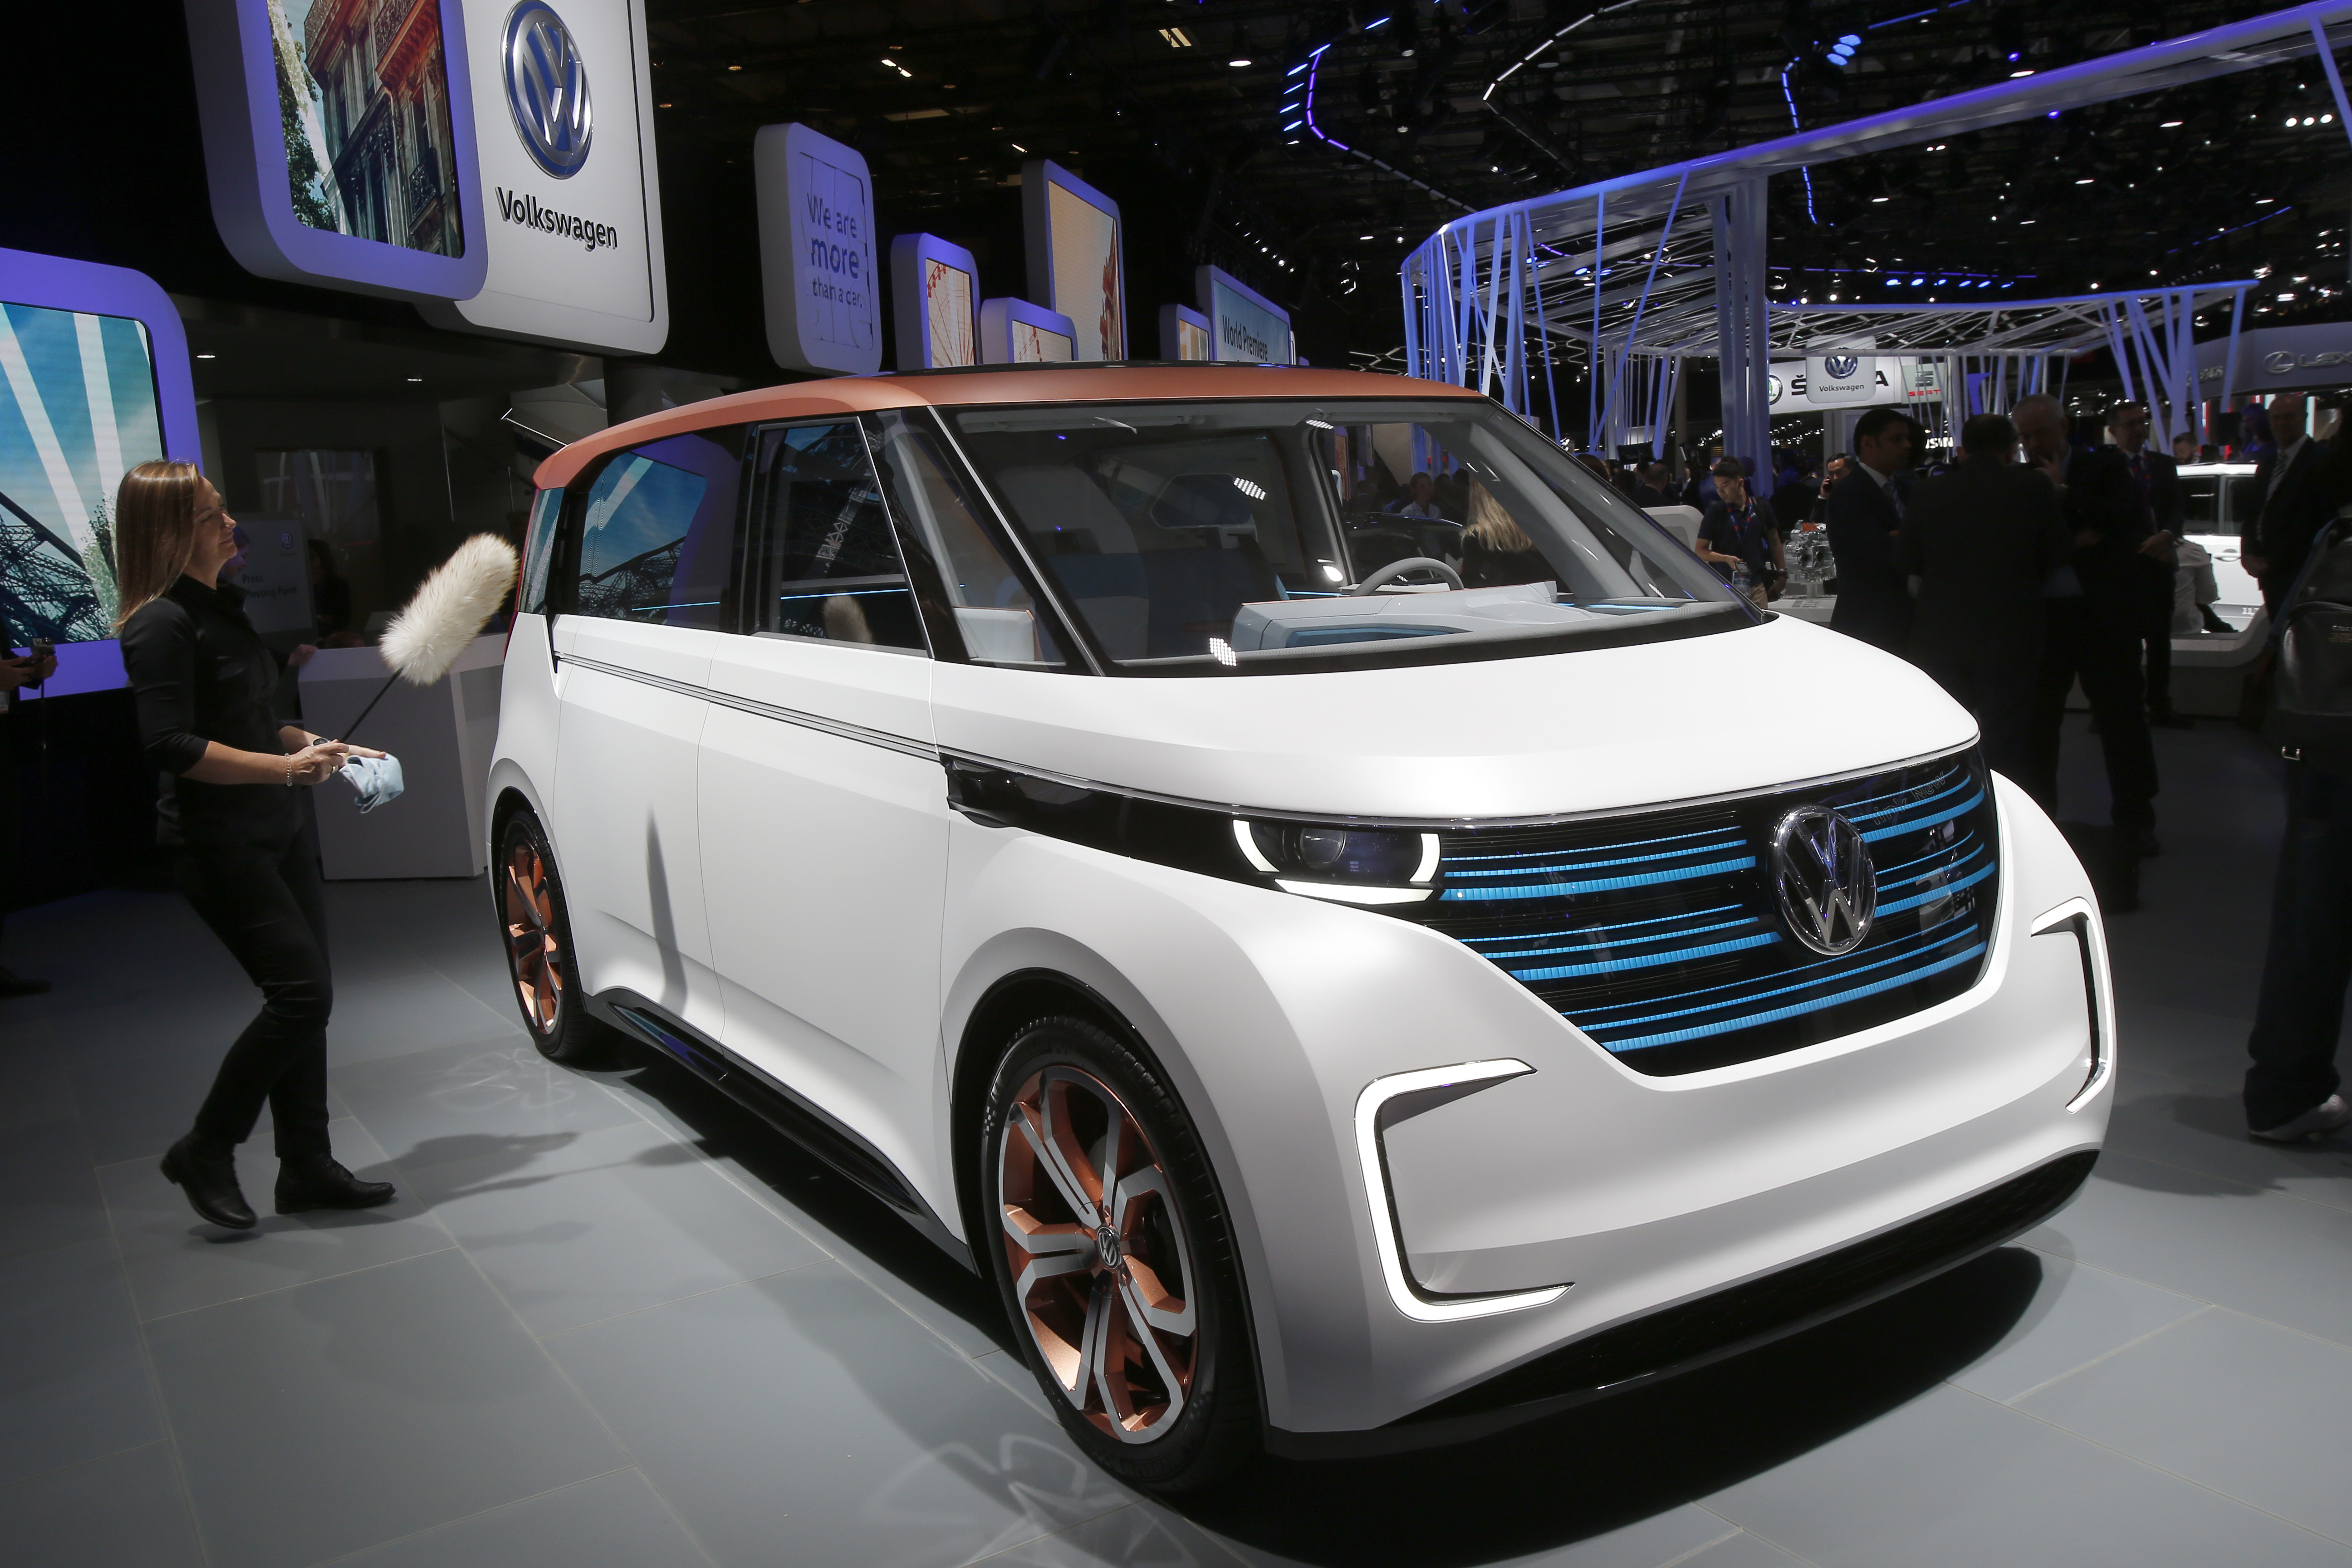 paris automakers show off electric cars at paris show. Black Bedroom Furniture Sets. Home Design Ideas